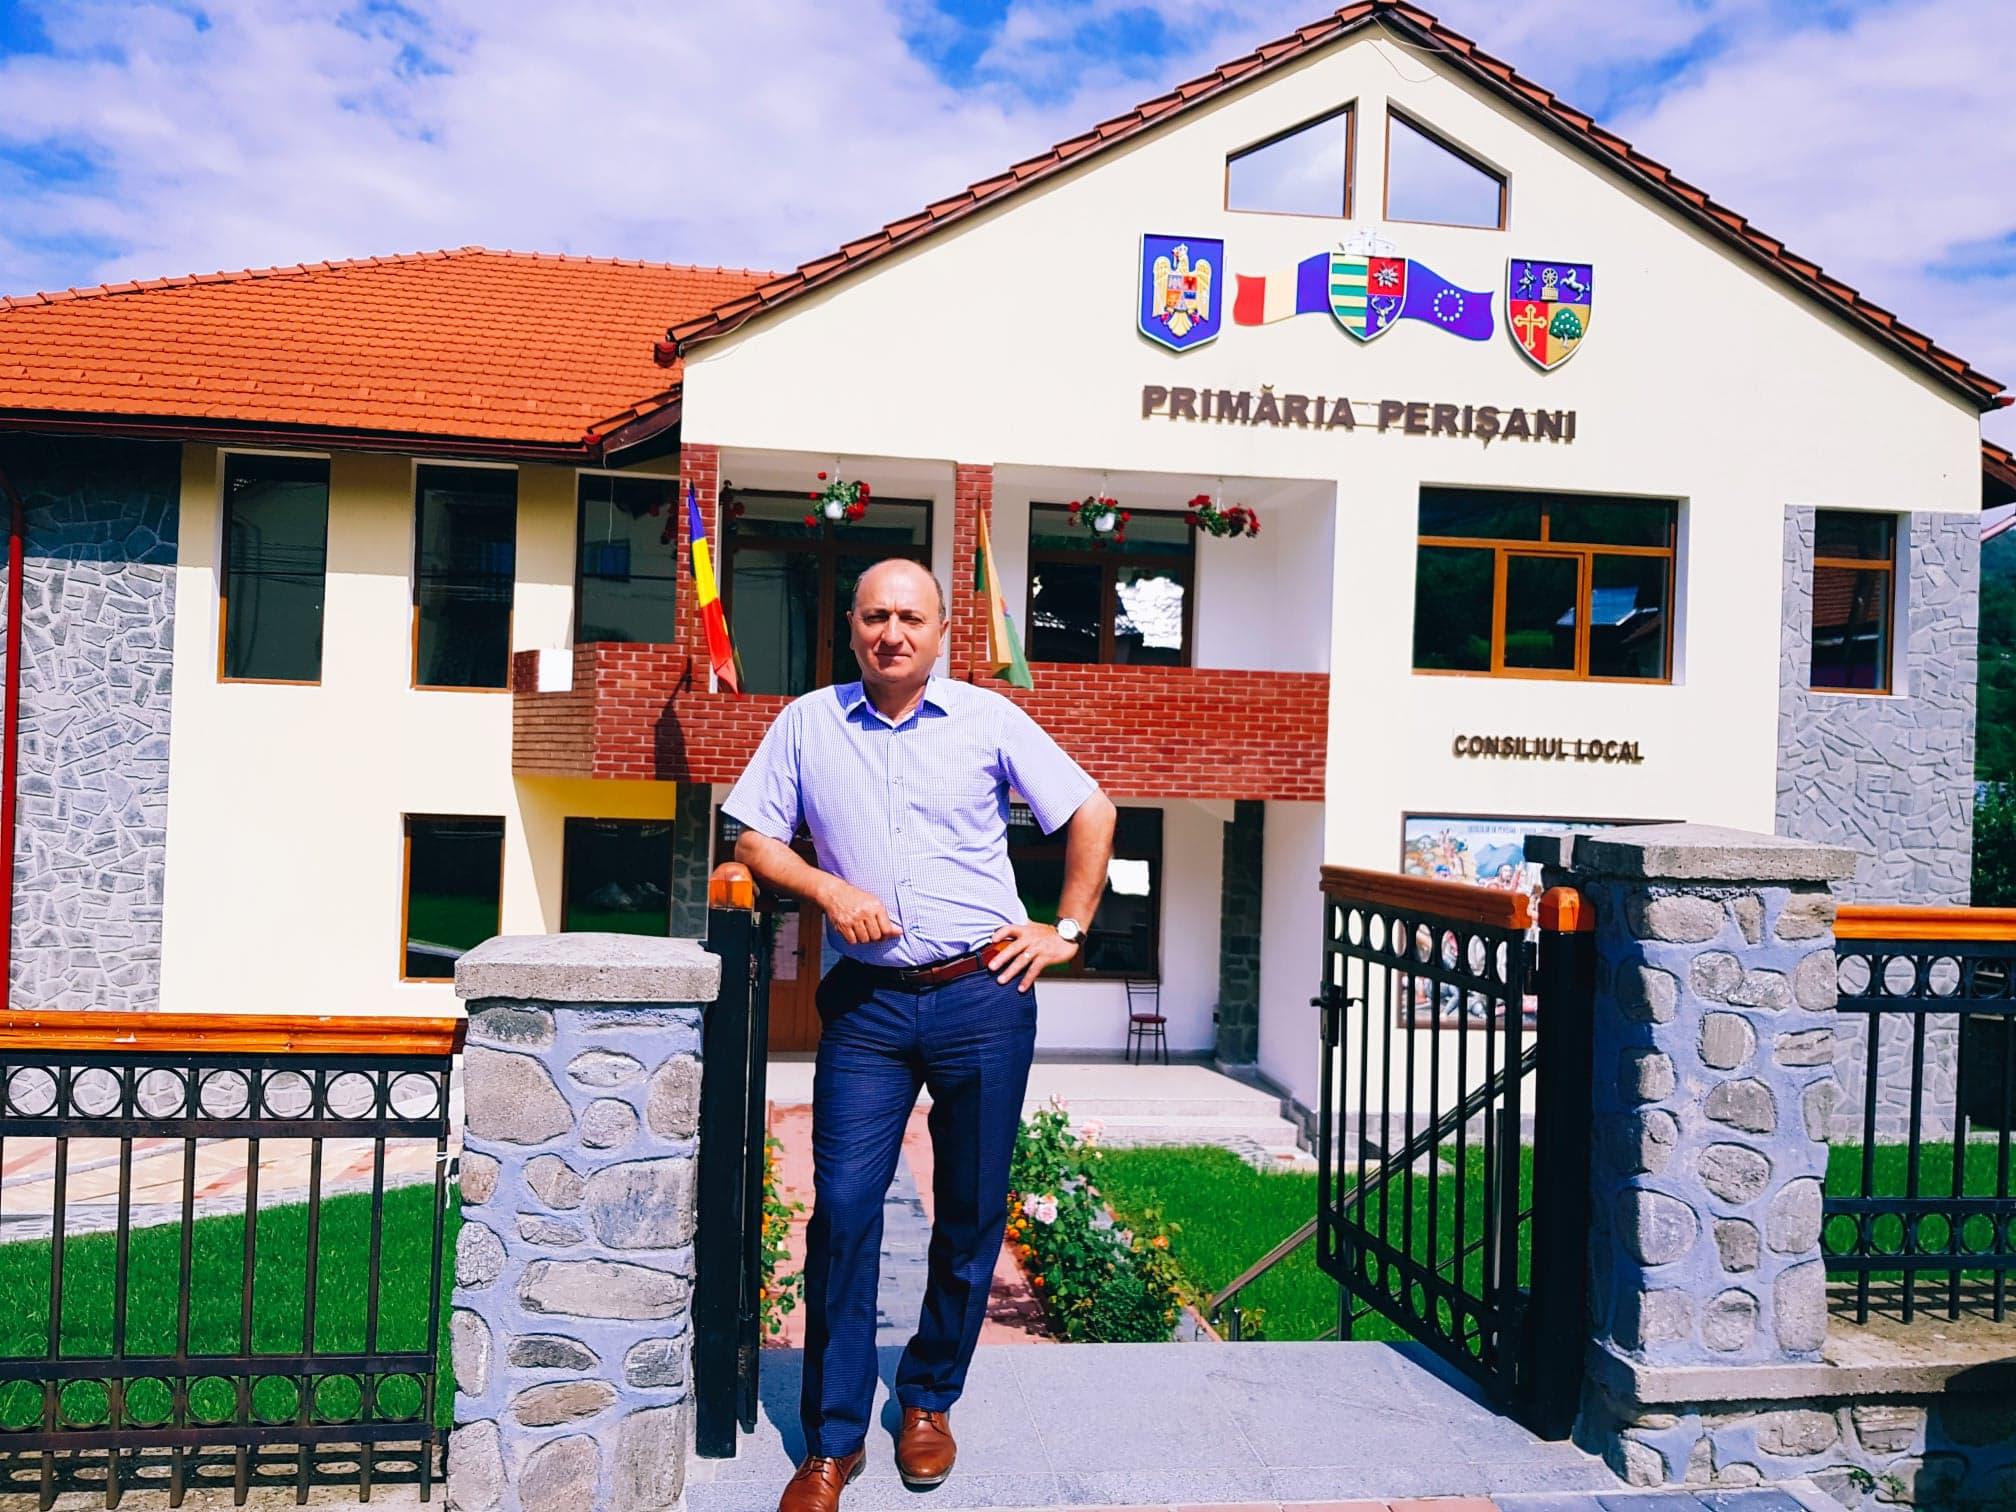 """Ion SANDU: """"Perişani este localitatea-etalon în privinţa absorbţiei fondurilor europene din Regiunea Oltenia"""""""